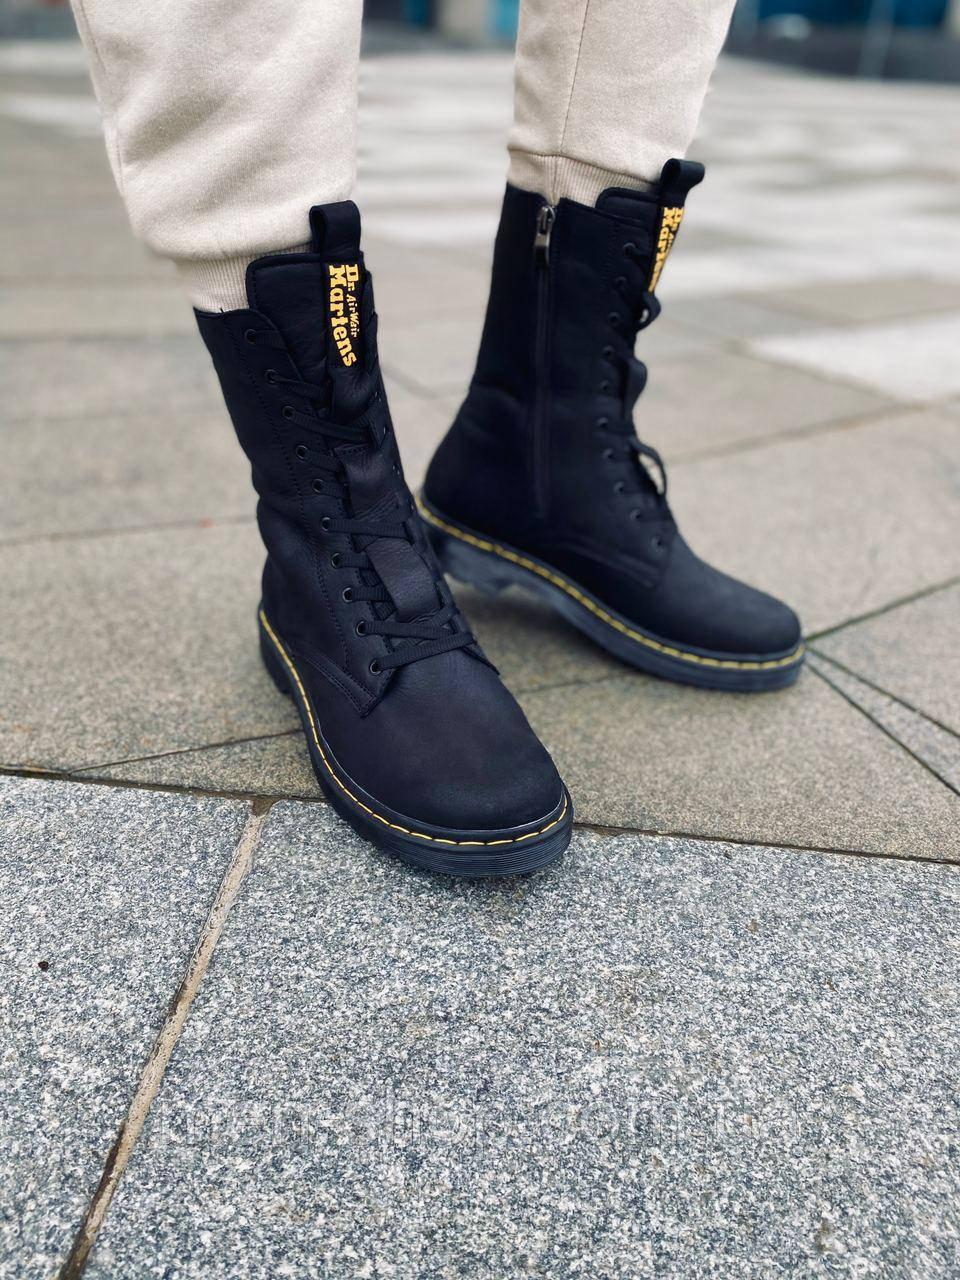 Мужские ботинки с мехом в стиле Dr. Martens